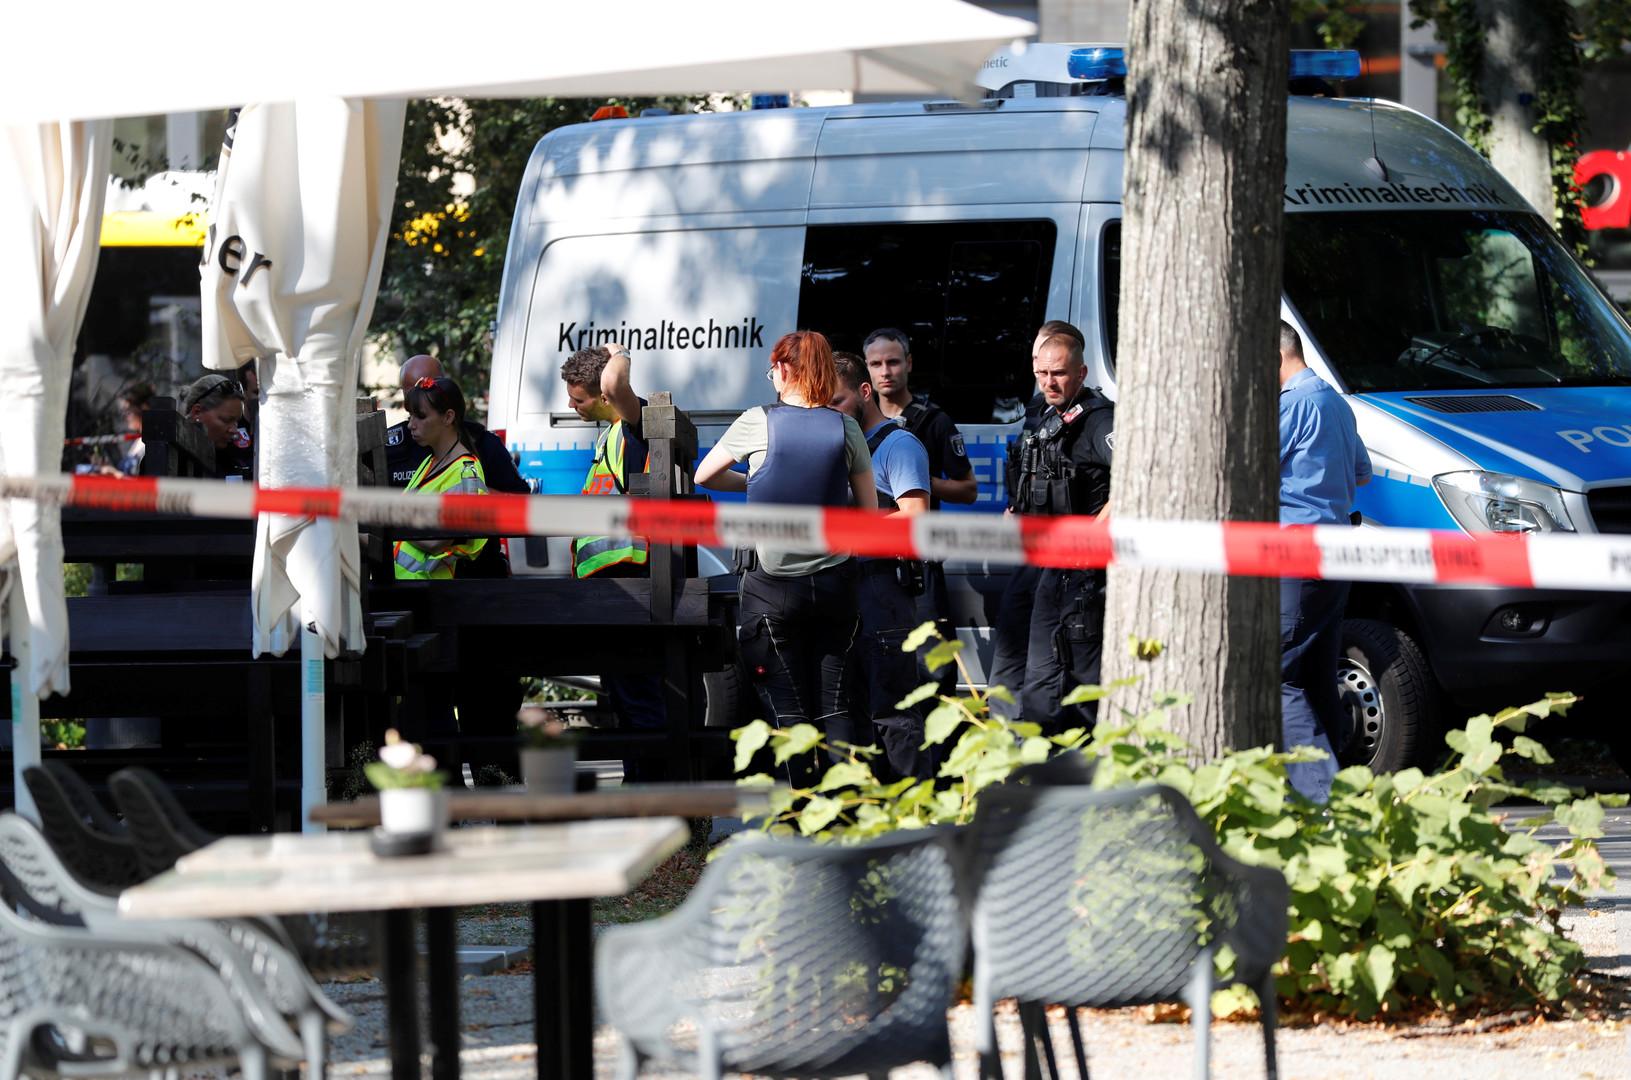 بيسكوف: لا علاقة للدولة الروسية بجريمة قتل في برلين